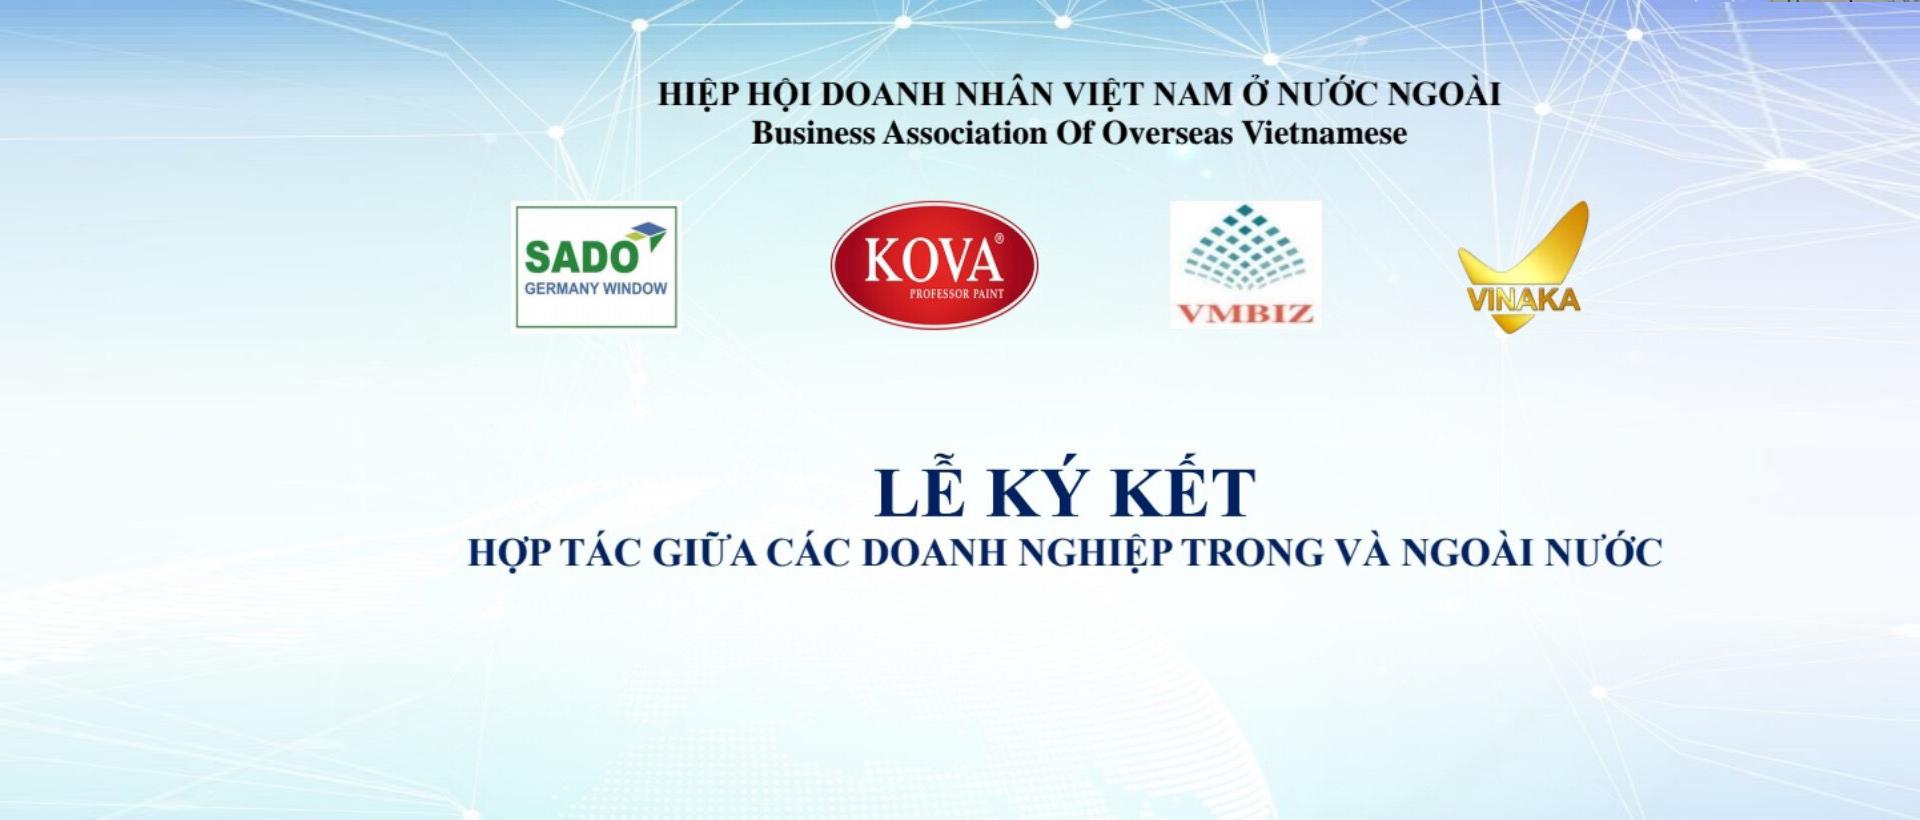 Hiệp hội doanh nhân việt nam ở nước ngoài